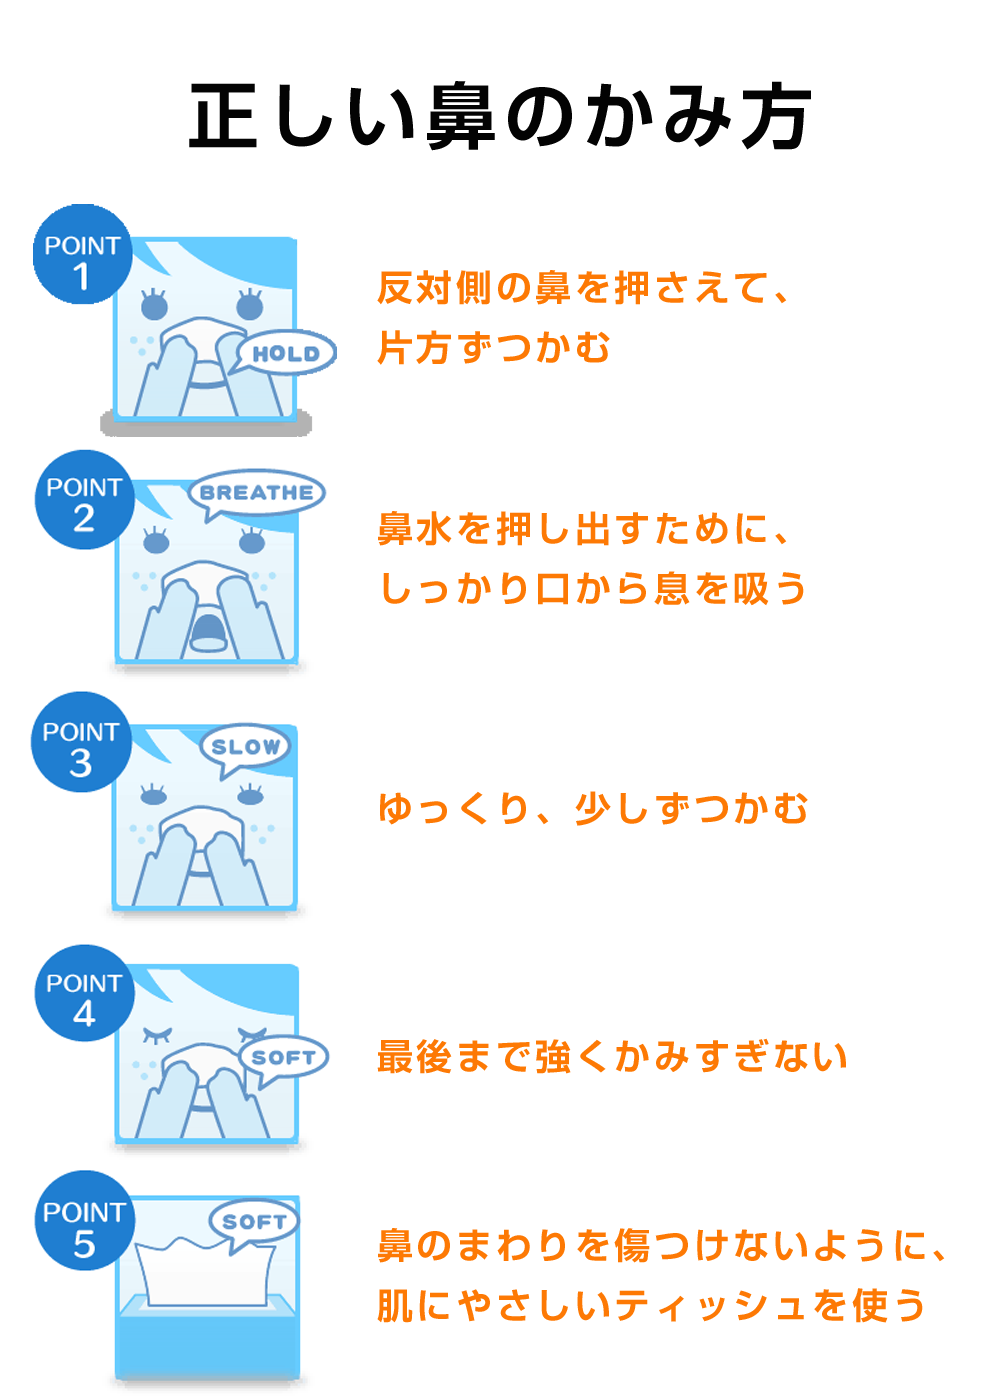 インフォグラフィック:鼻を上手にかむ5つの注意点。鼻のかみ方次第で肺炎になる可能性も